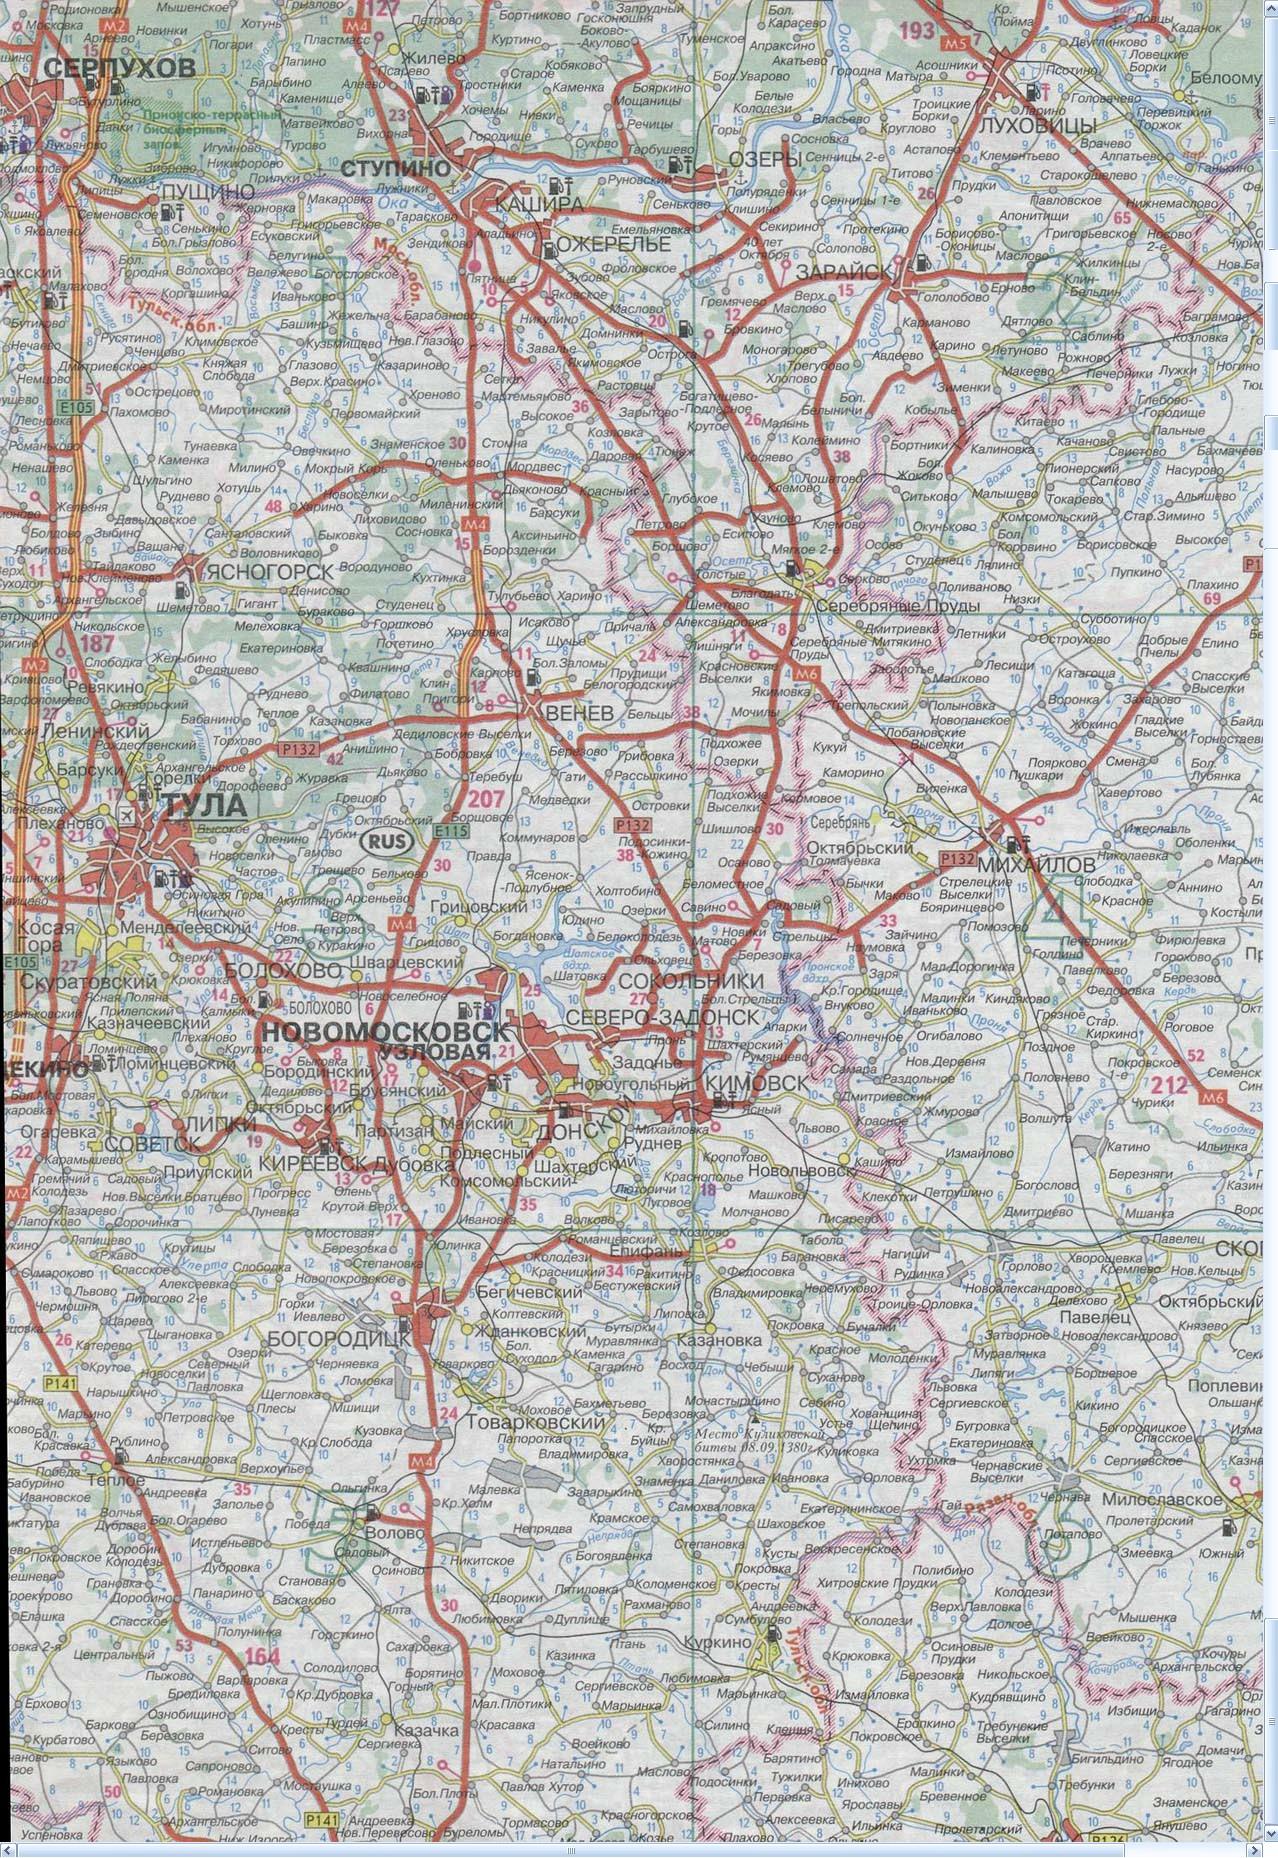 Карта Серпухов, Ступино, Венев, Новомосковск, Тула, Луховицы, Богородицк